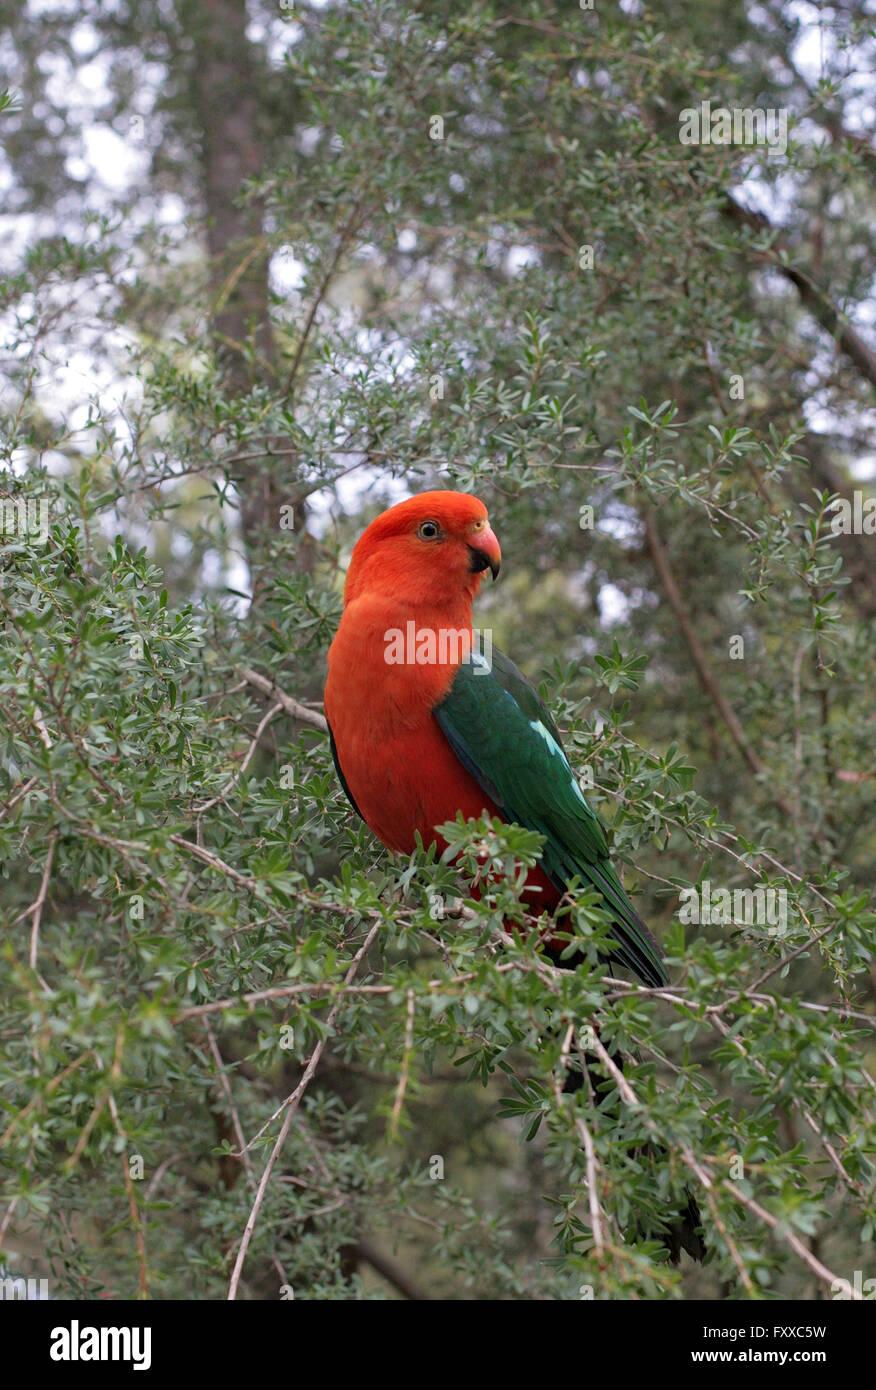 Unico re australiano parrot Alisterus scapularis, circondato da native bush australiano. Immagini Stock